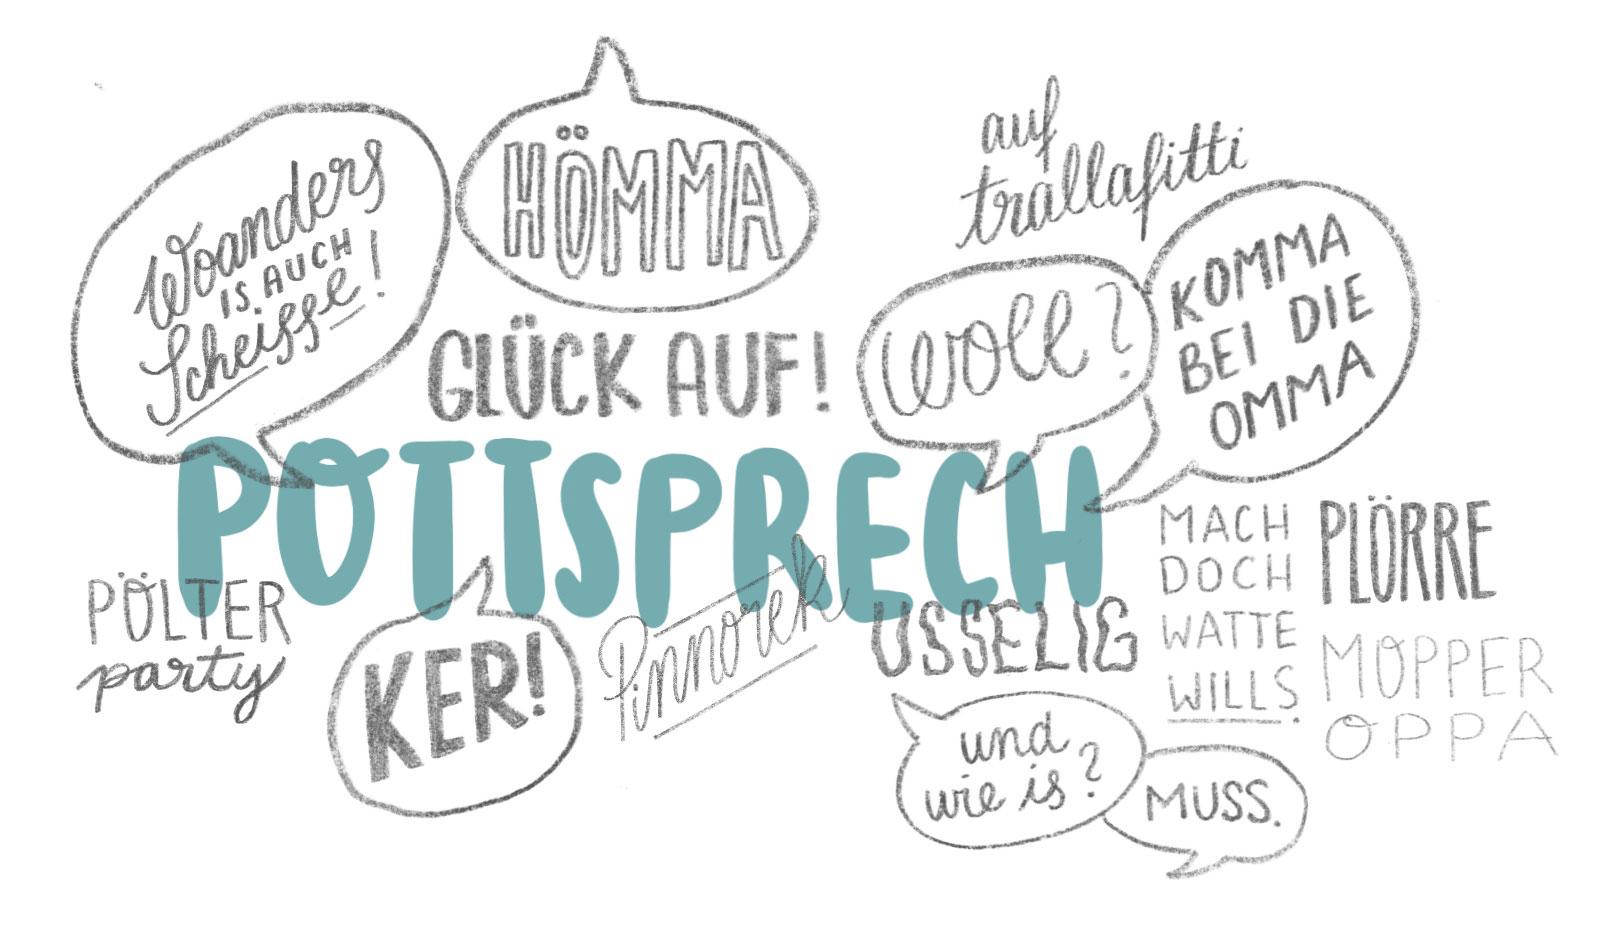 Pottsprech Sprache im Ruhrgebeit Woll hömma ker